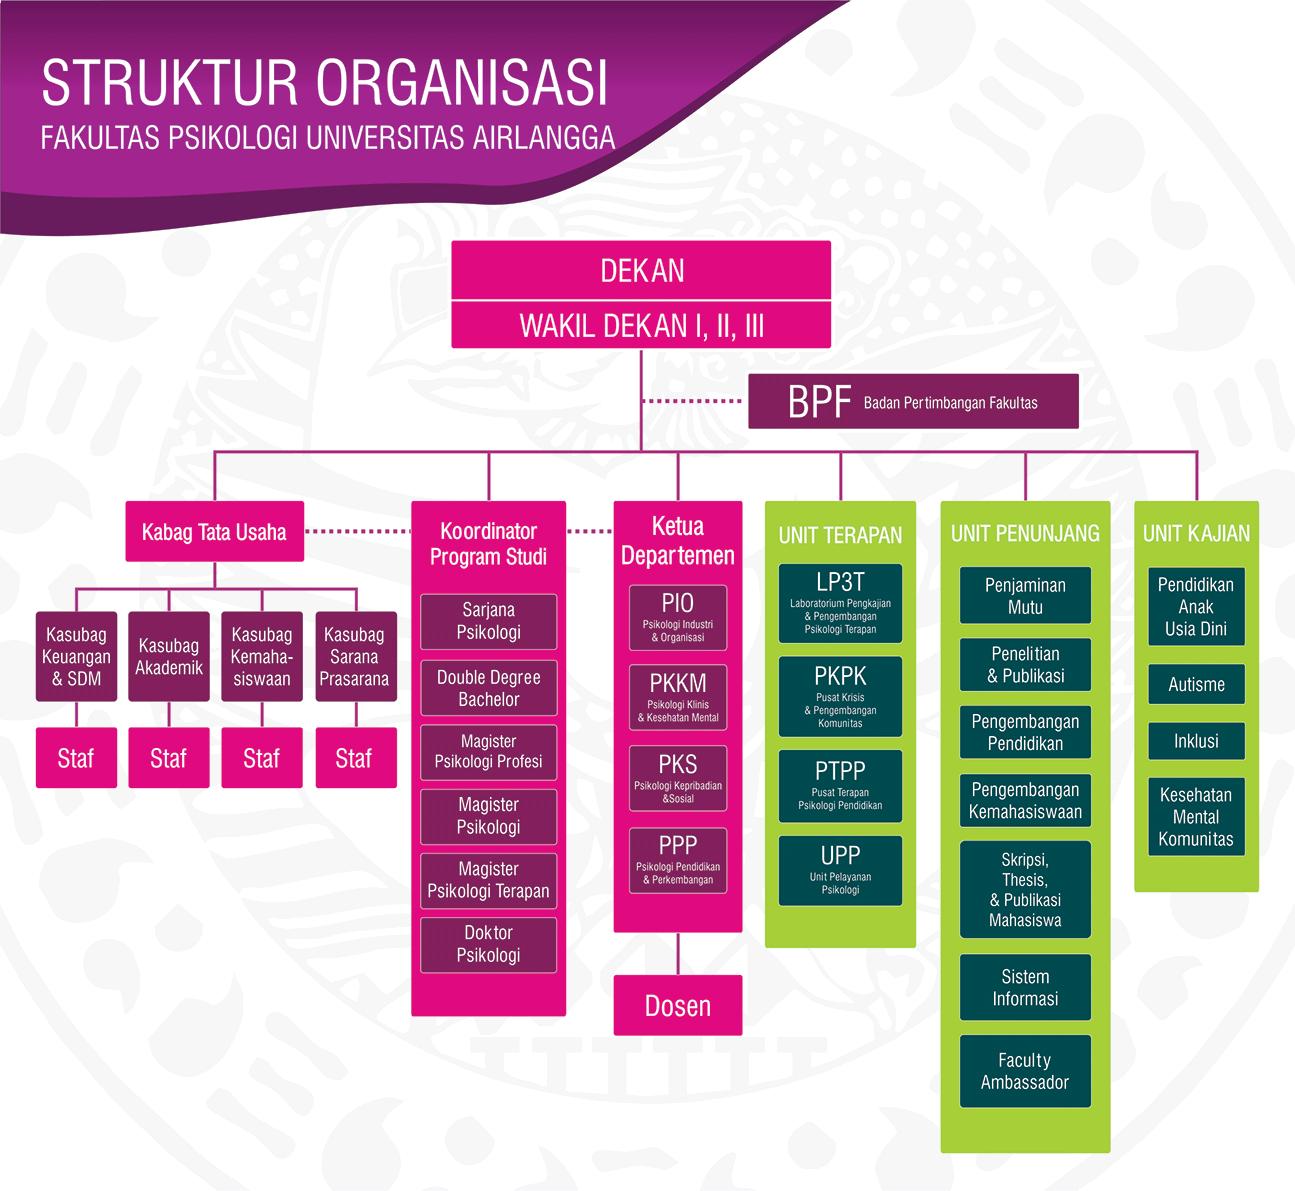 Organization Structure - Fakultas Psikologi